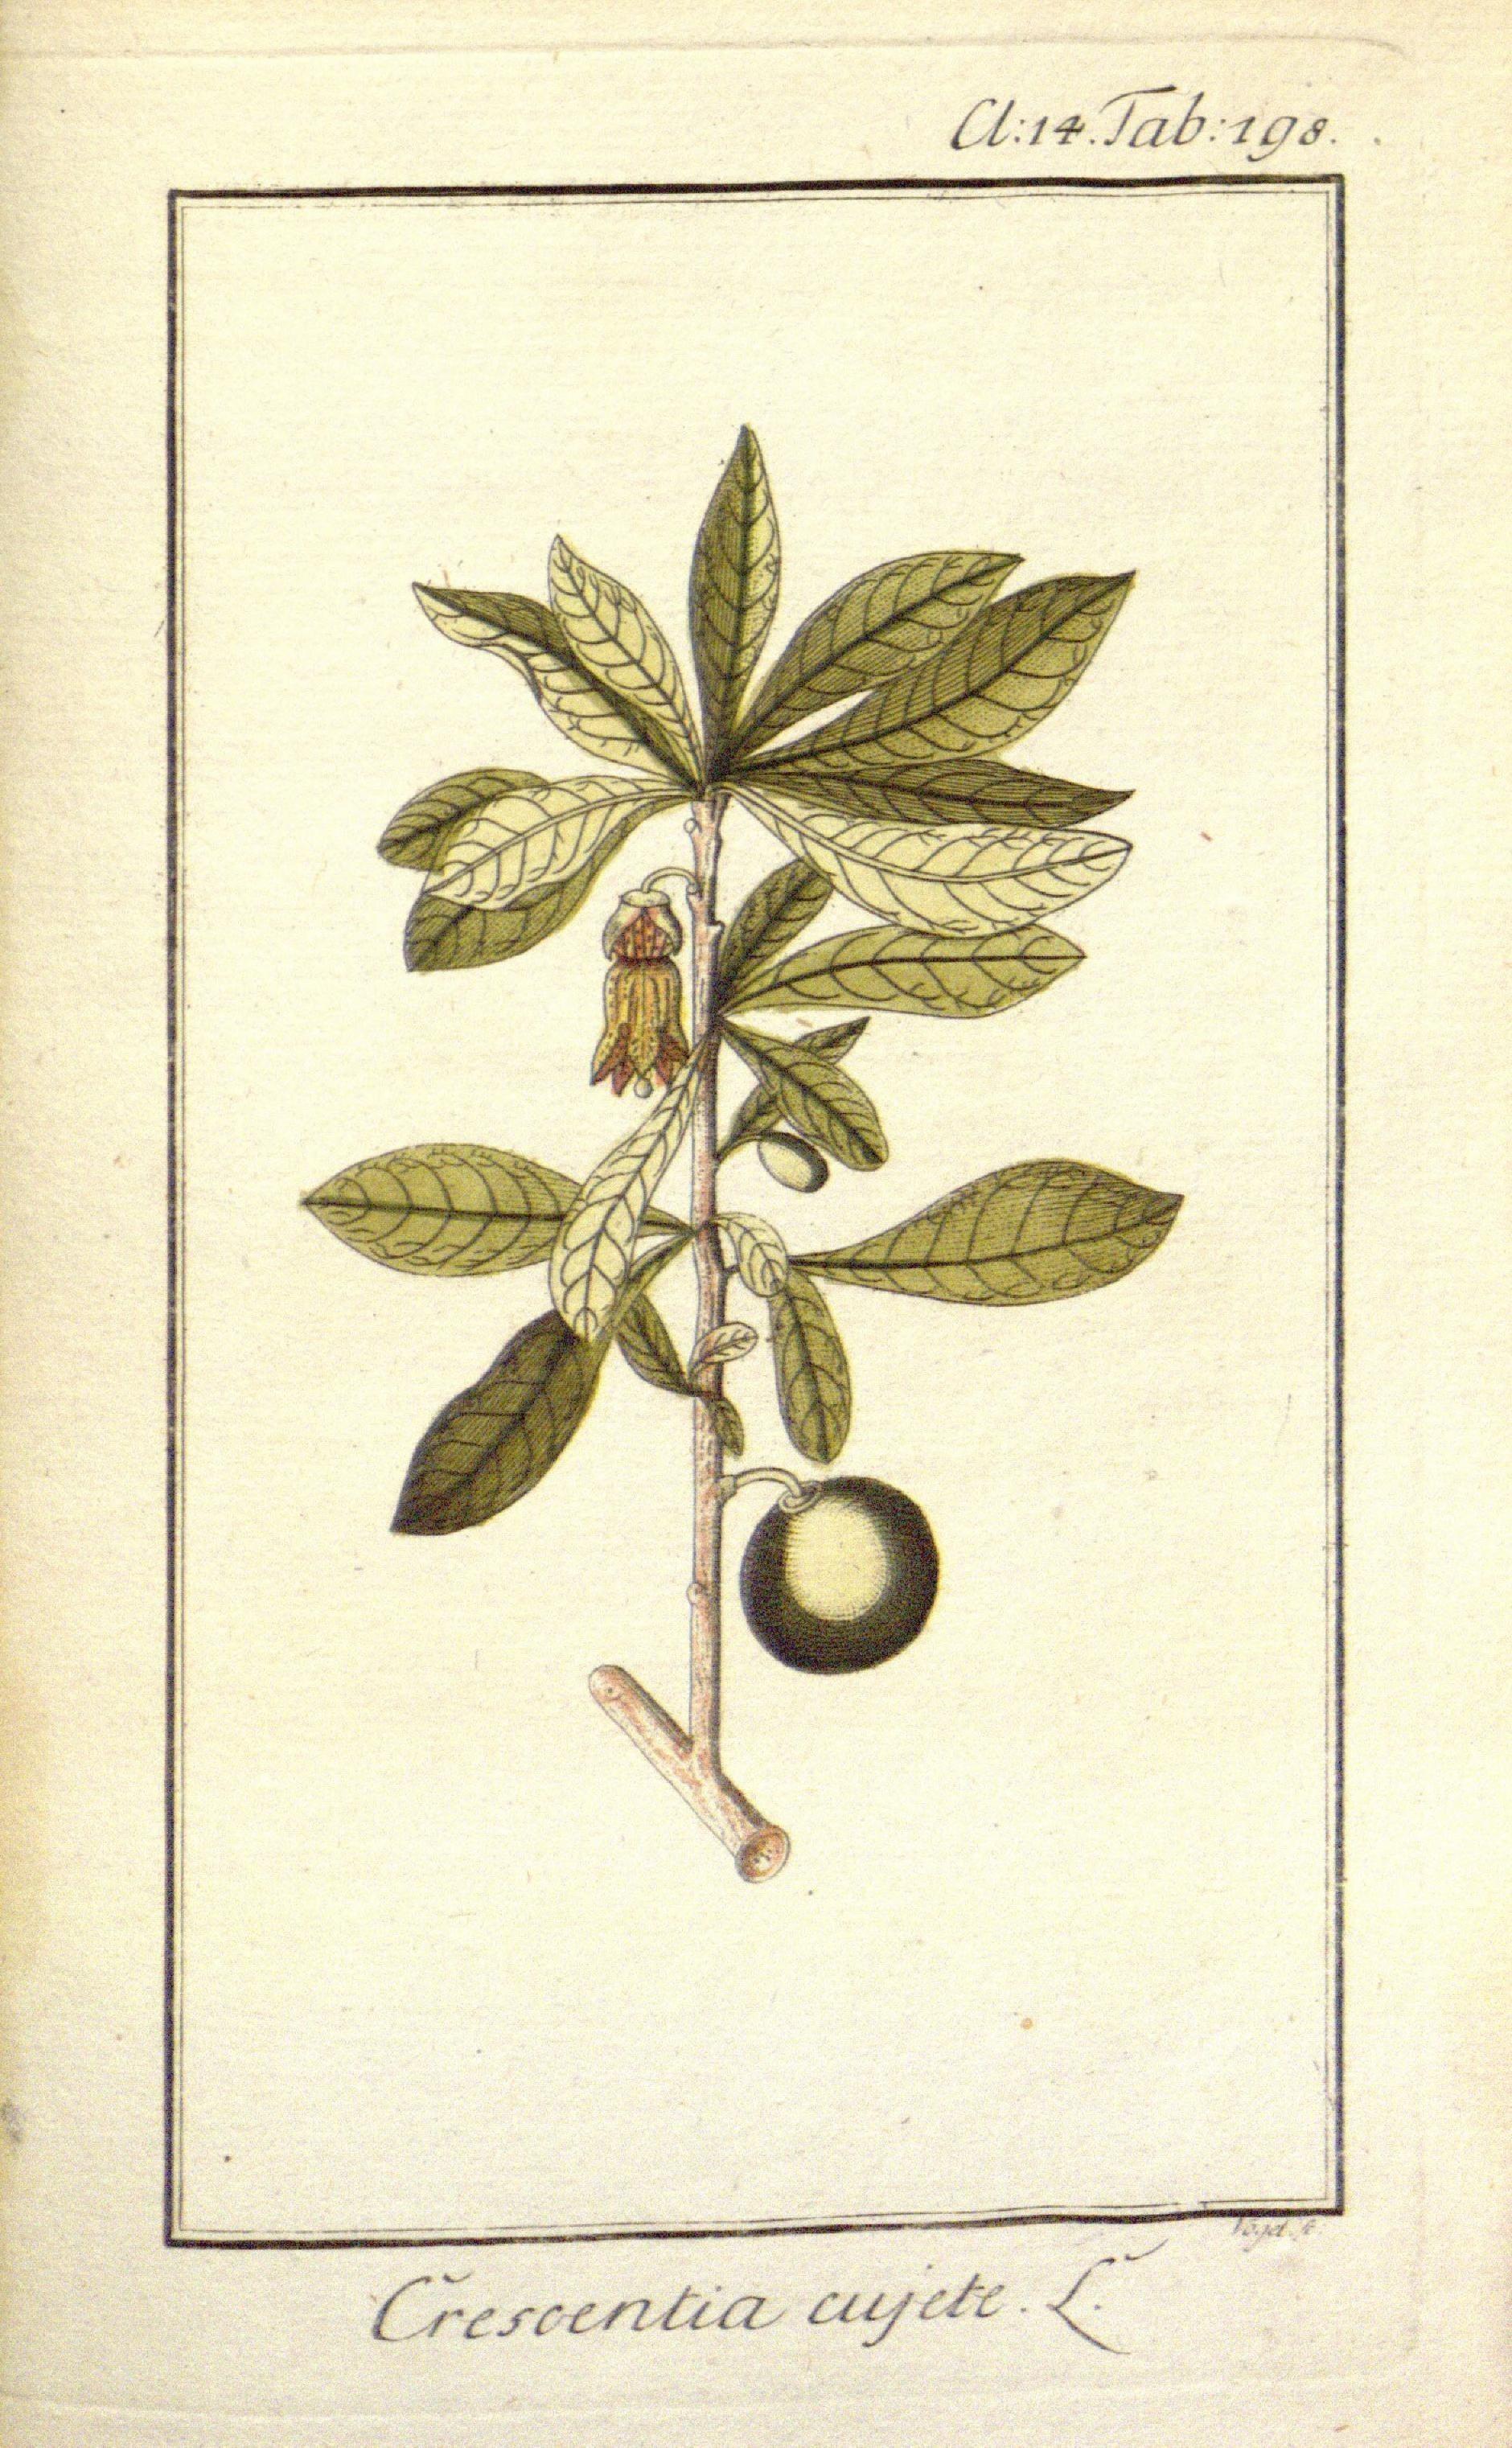 Image of crescentia